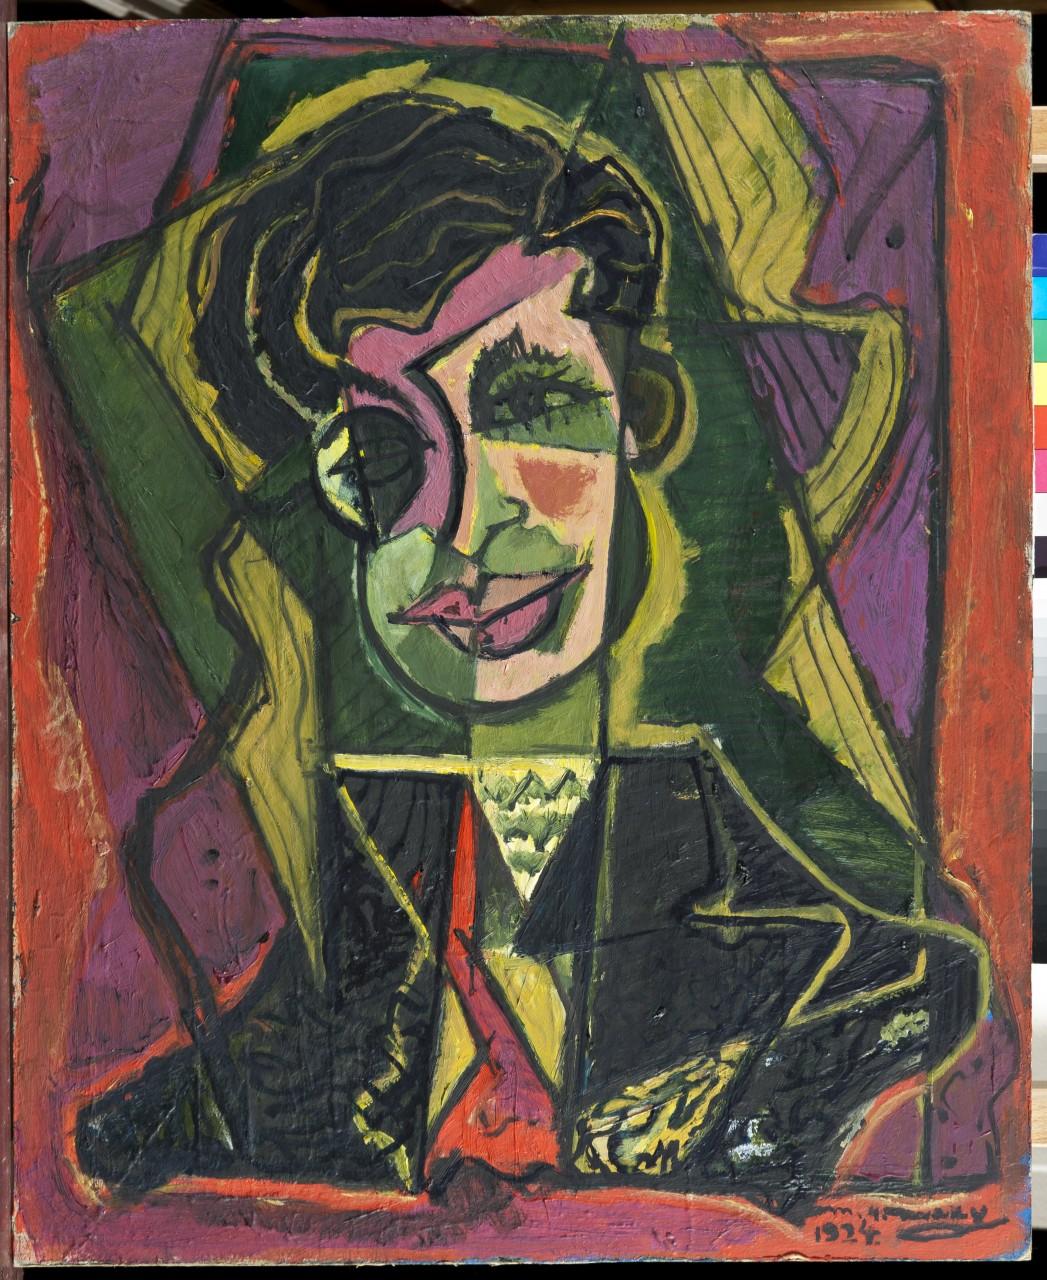 Max Herman Maxy - Tristan Tzara, 1924